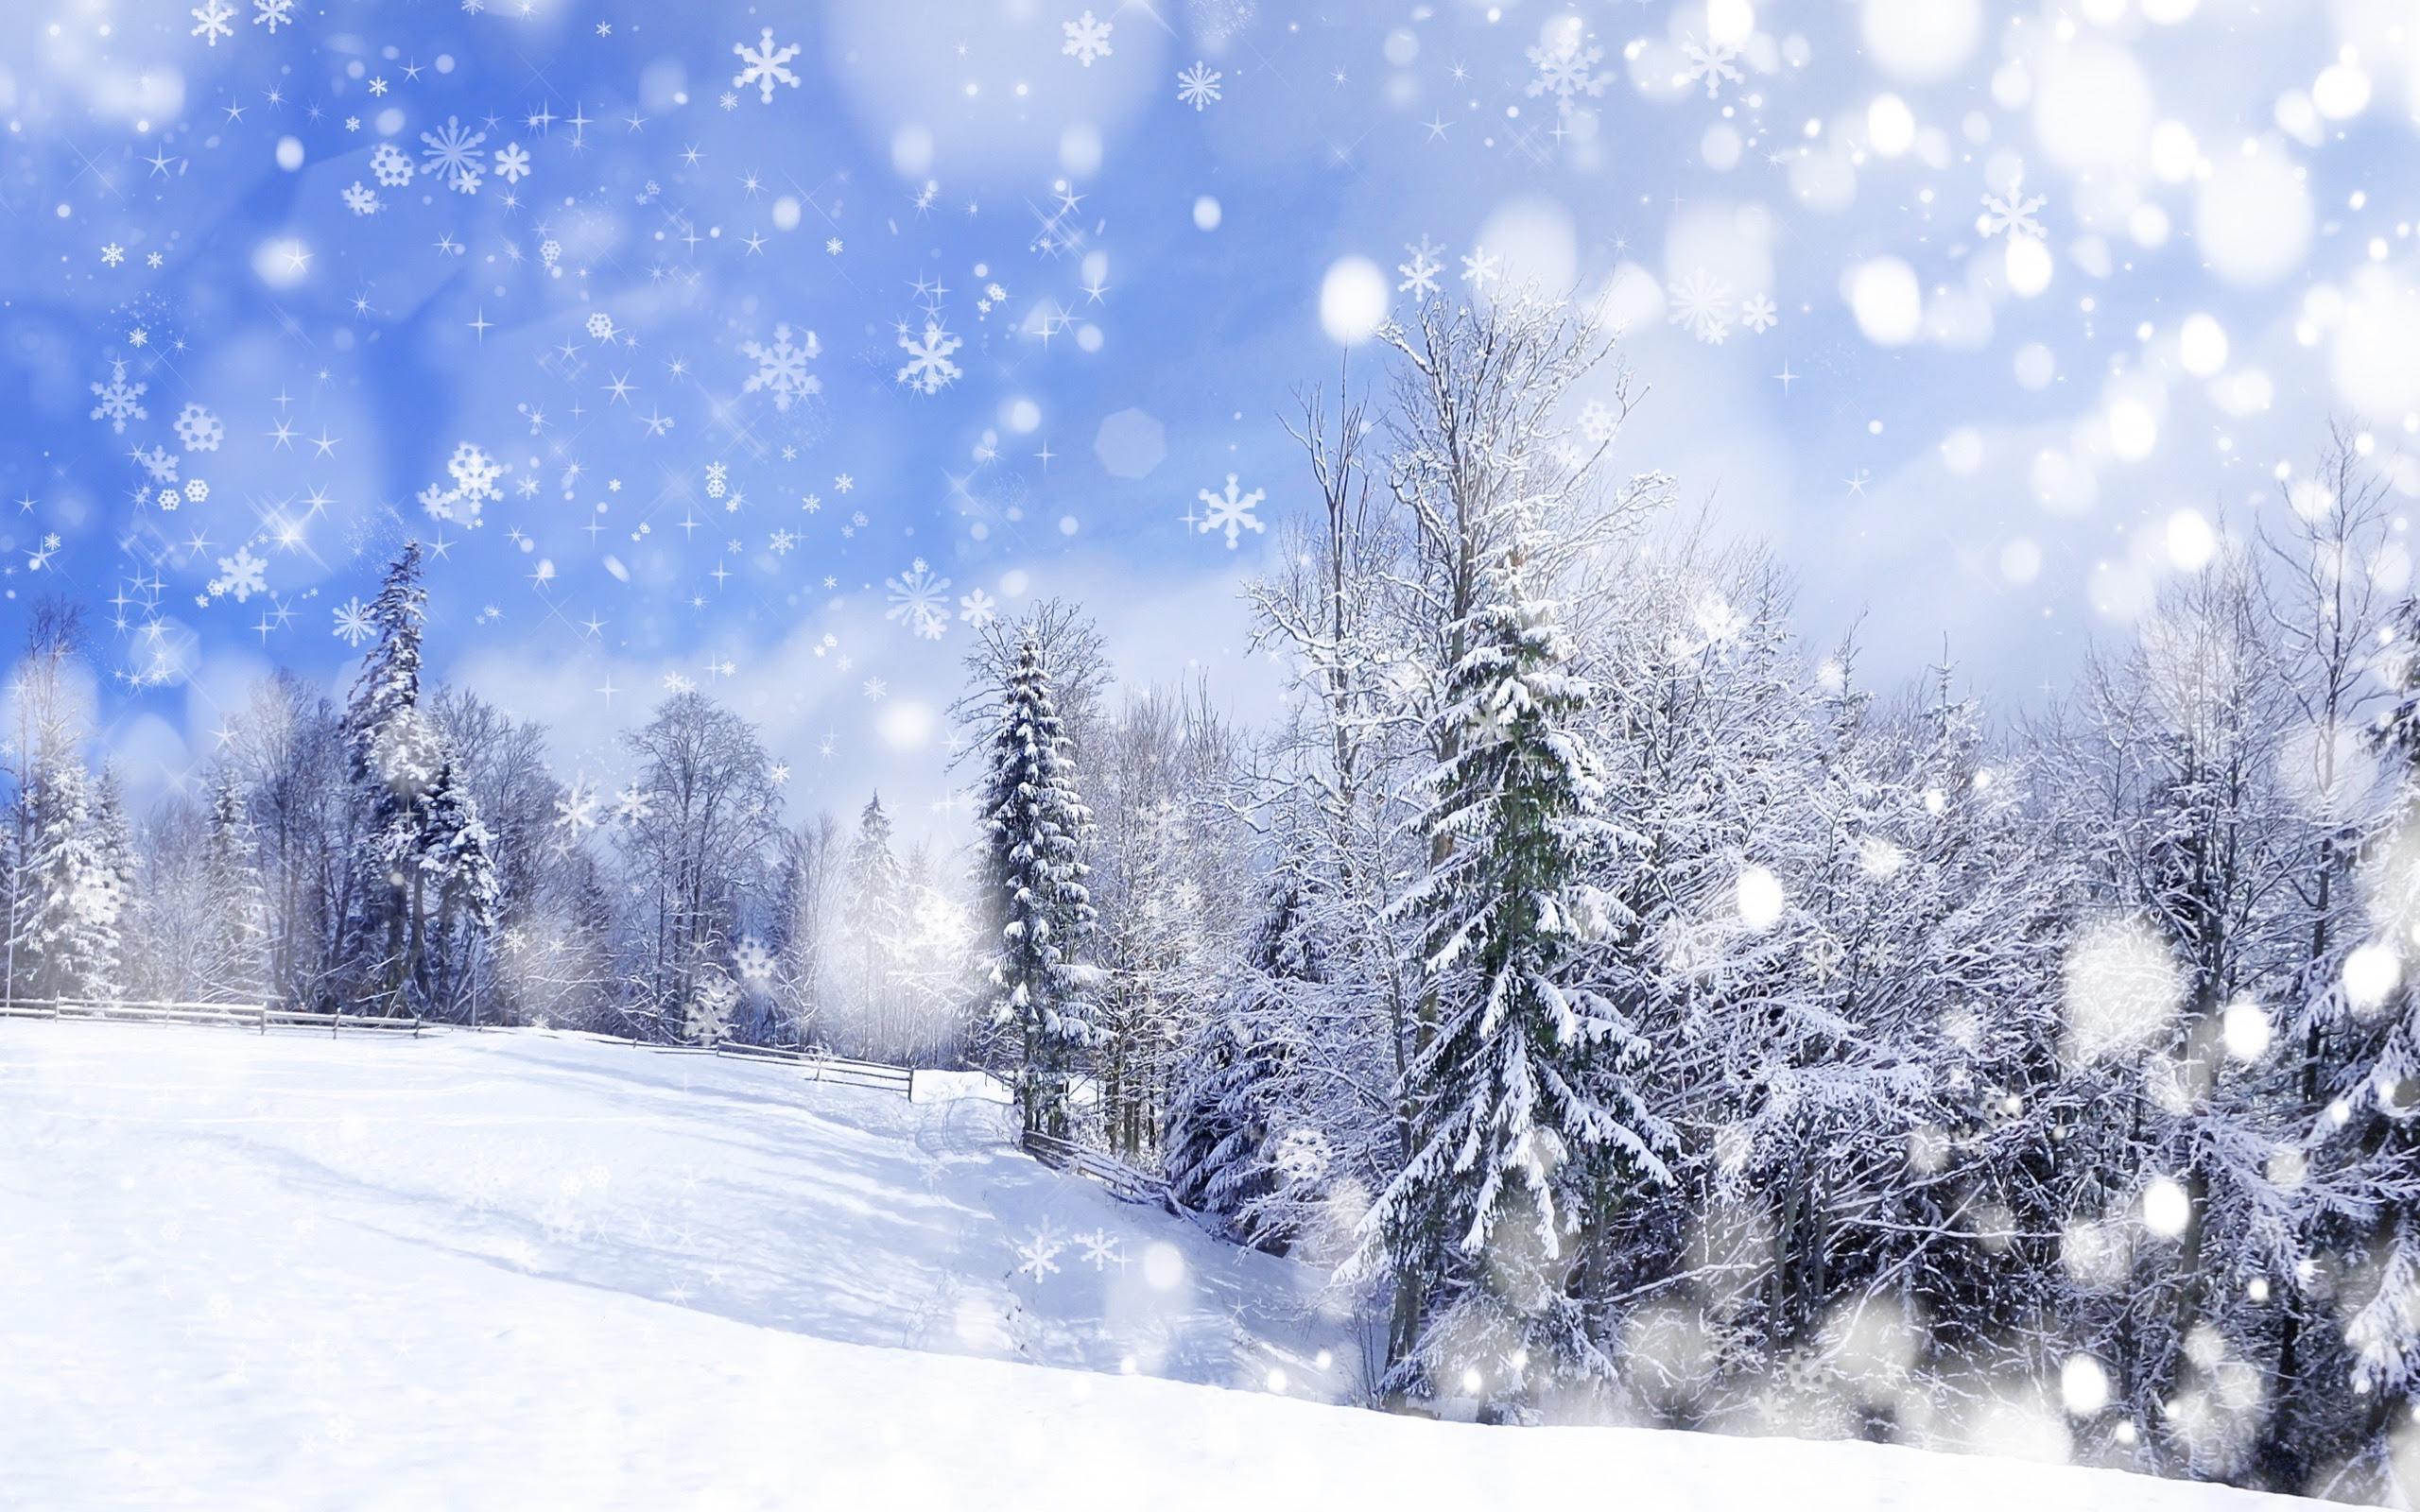 17 Winter Scenery Hd Wallpaper Basty Wallpaper